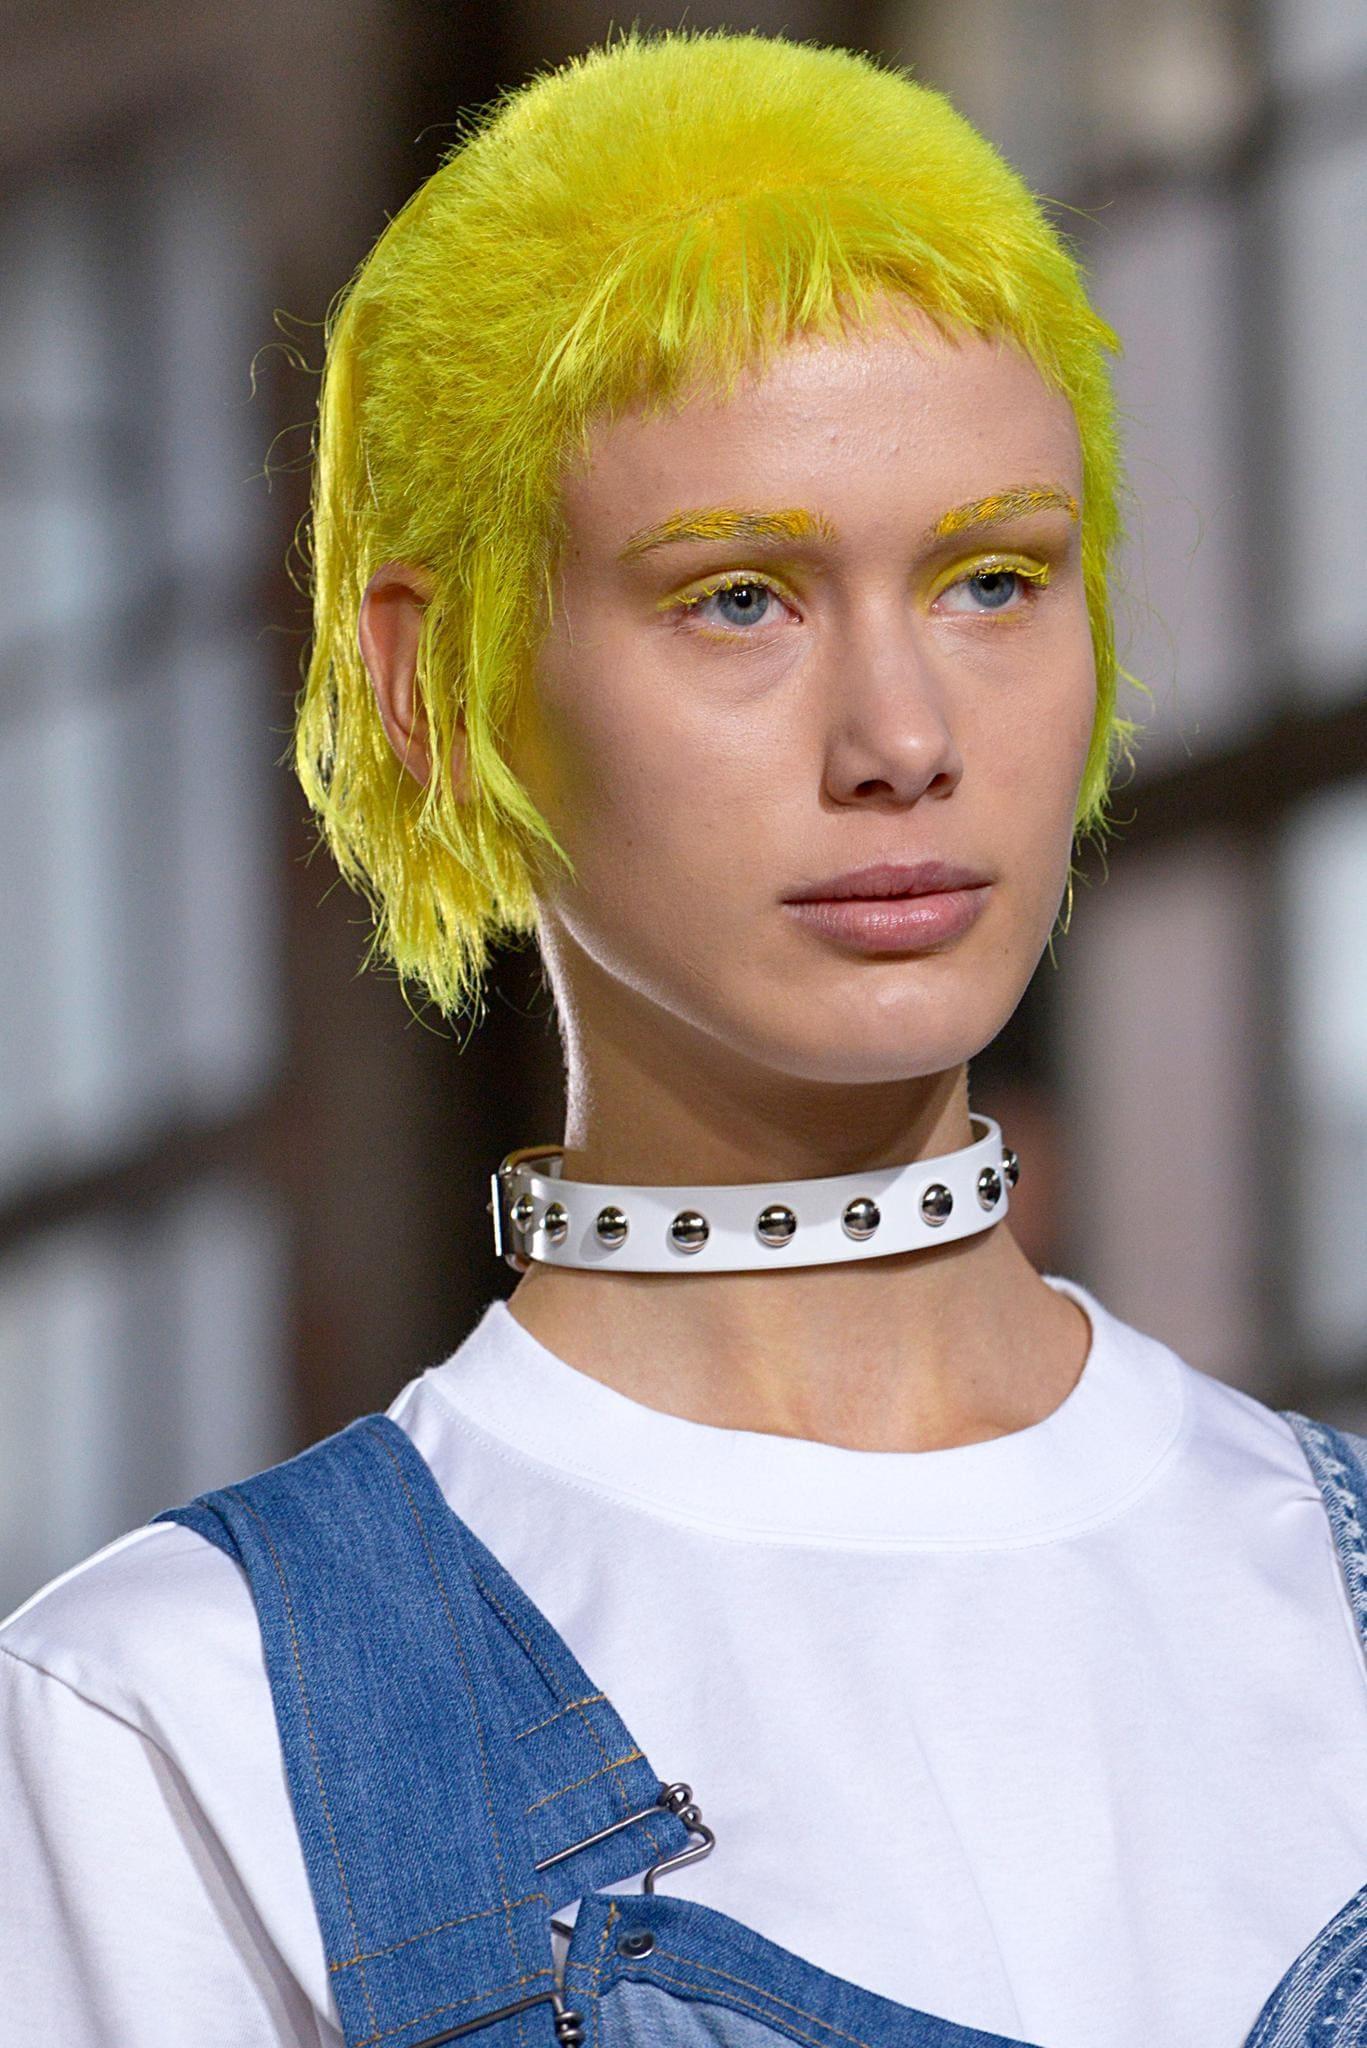 chica con pelo rapado y largo amarillo